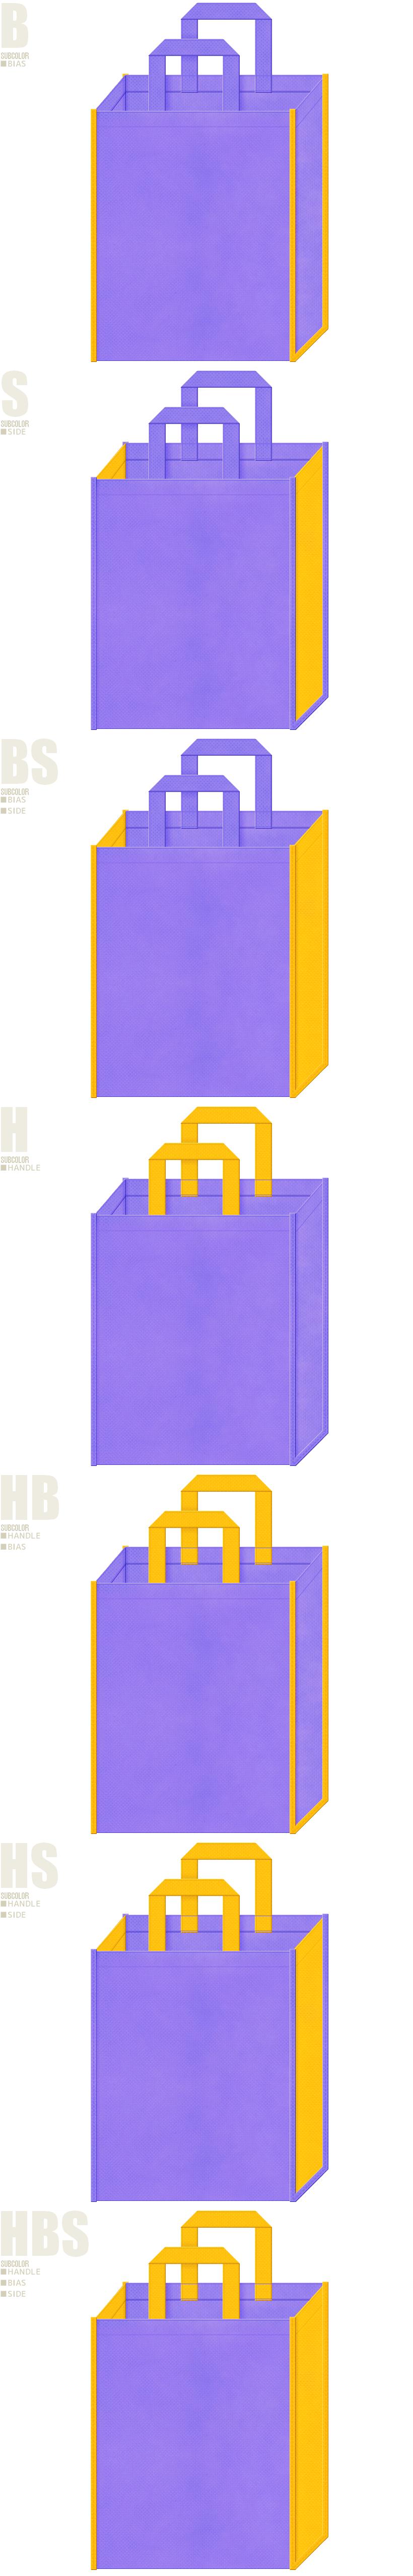 レッスンバッグ・通園バッグ・絵本・おとぎ話・ピエロ・サーカス・おもちゃの兵隊・楽団・エンジェル・テーマパーク・キッズイベントにお奨めの不織布バッグデザイン:薄紫色と黄色の配色7パターン